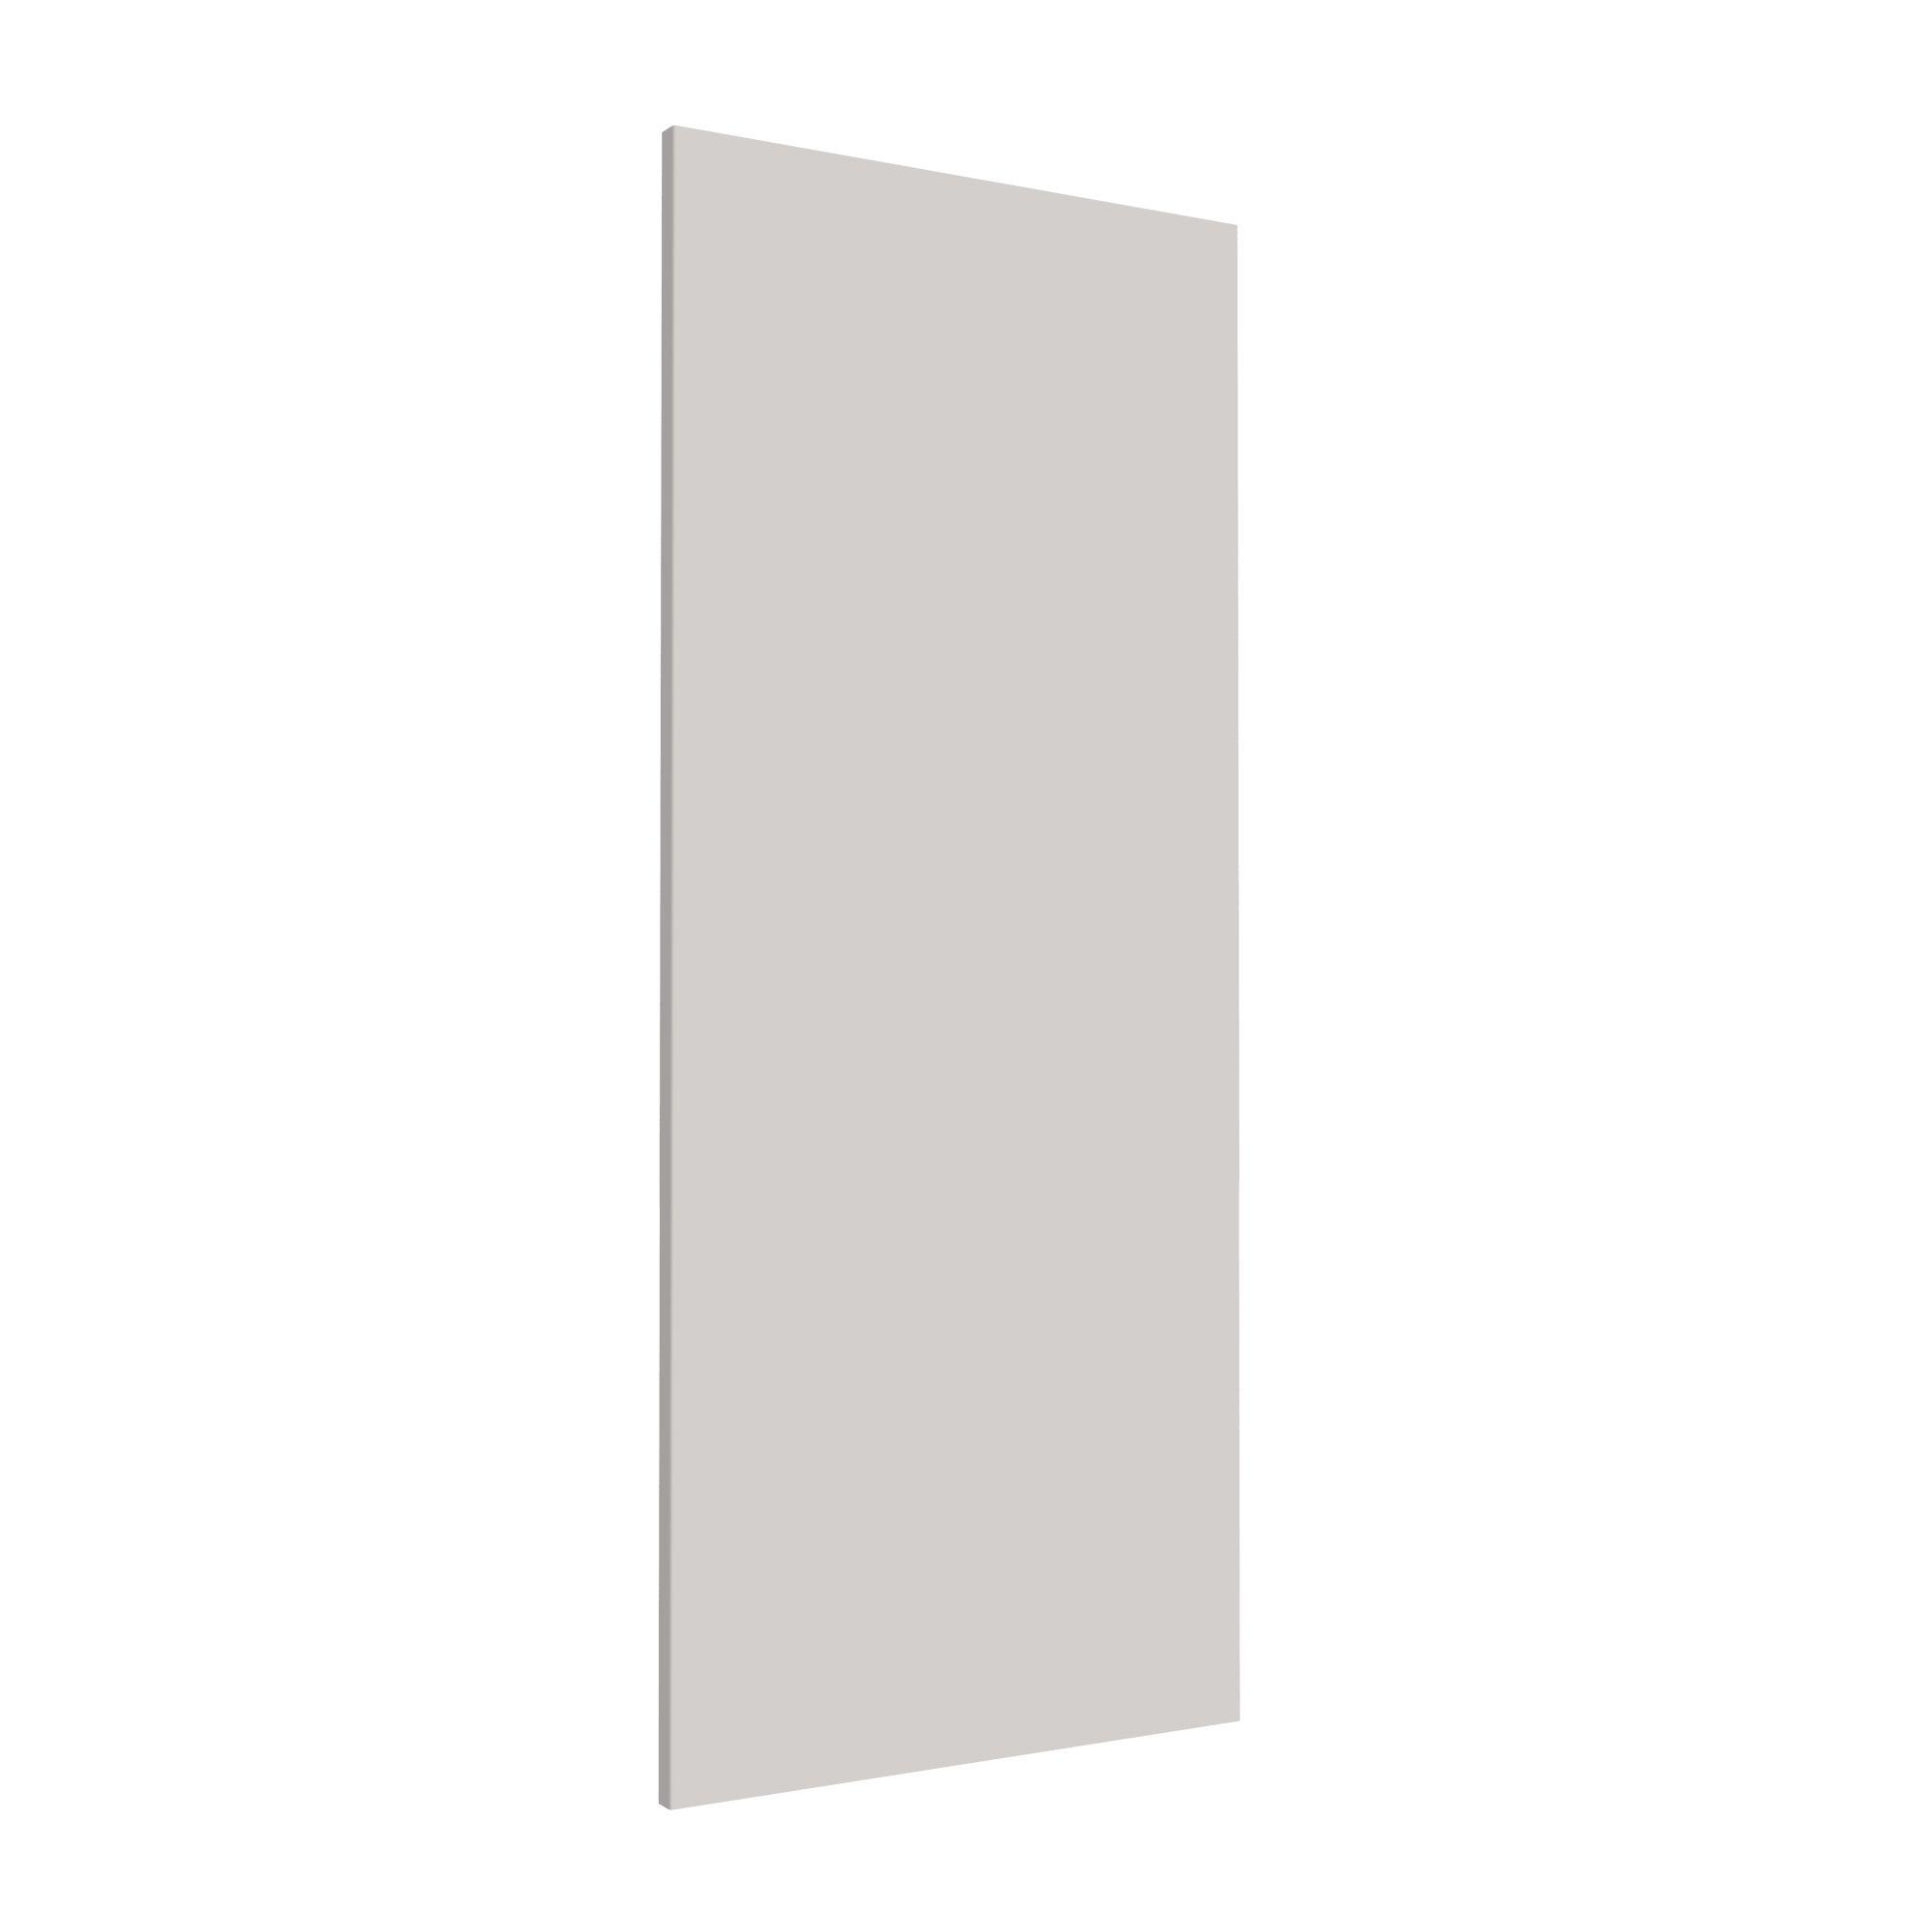 Darwin Modular Grey & Matt Chest Cabinet Door (h)958mm (w)372mm (d)16mm